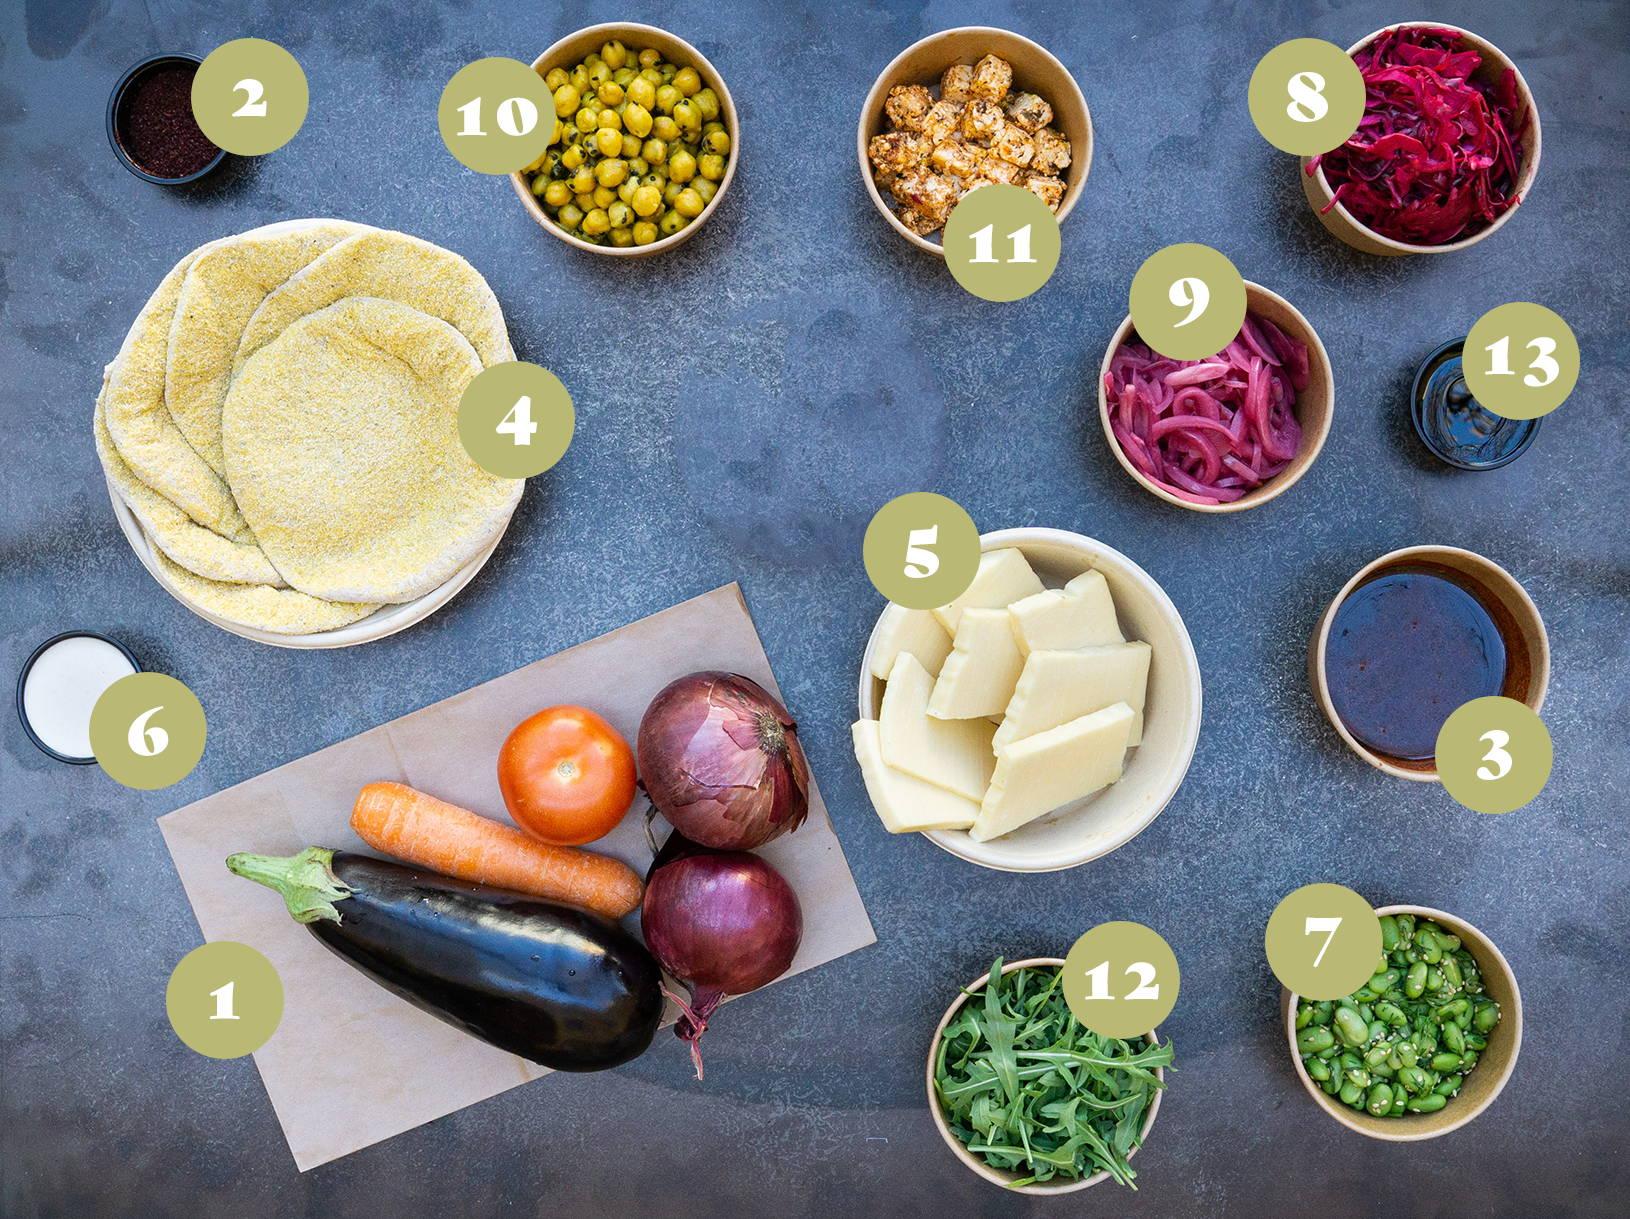 Opskrift og vejledning til Friskbagt pitabrød med halloumi, ovnbagt aubergine,  kikærter, salatost, syltede og frisk grønt.